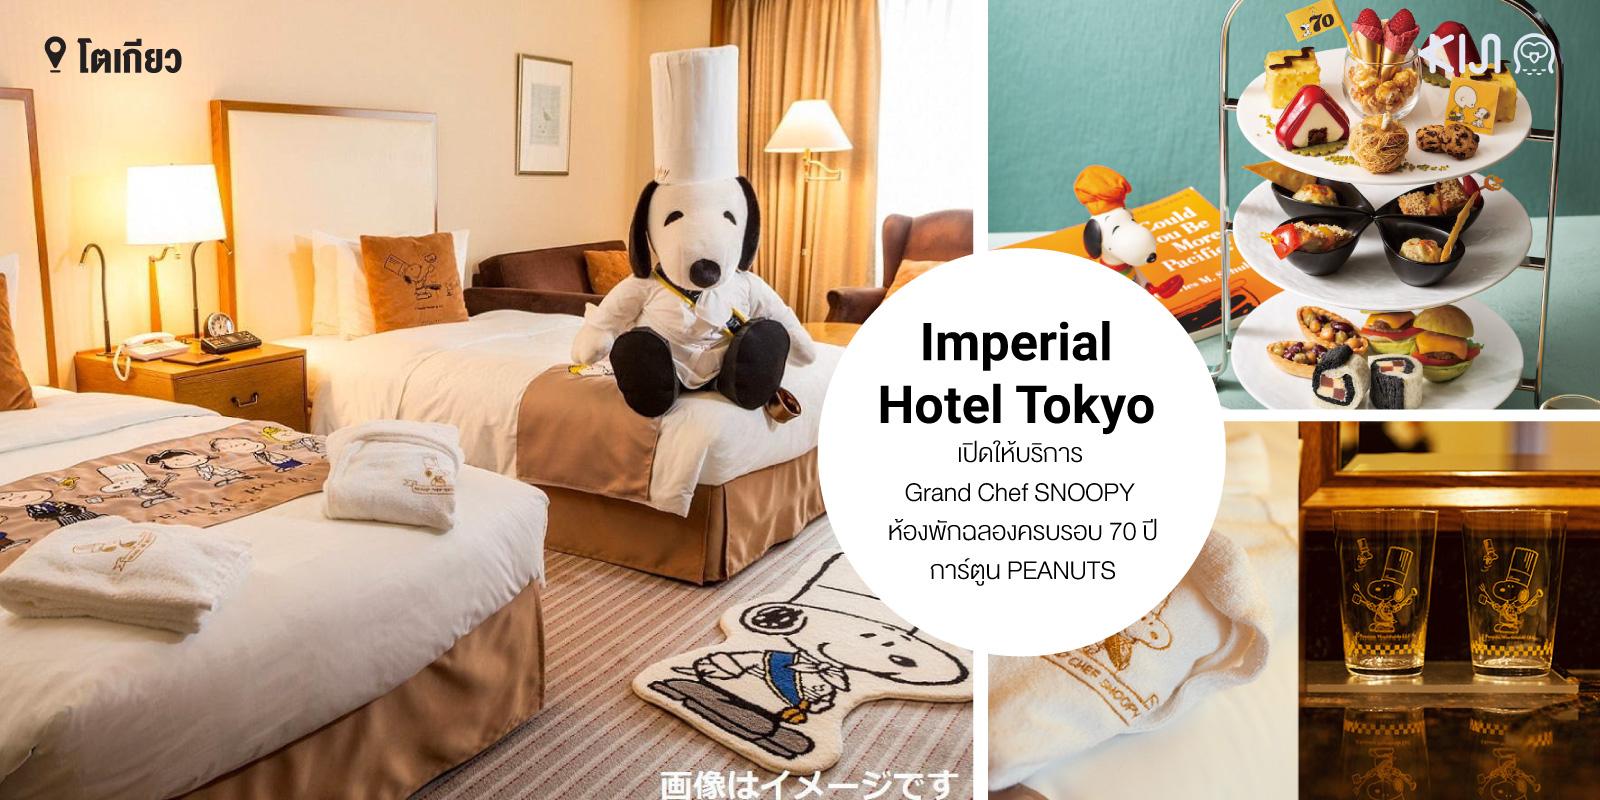 Grand Chef SNOOPY โรงแรมสนู้ปี้ จ.โตเกียว